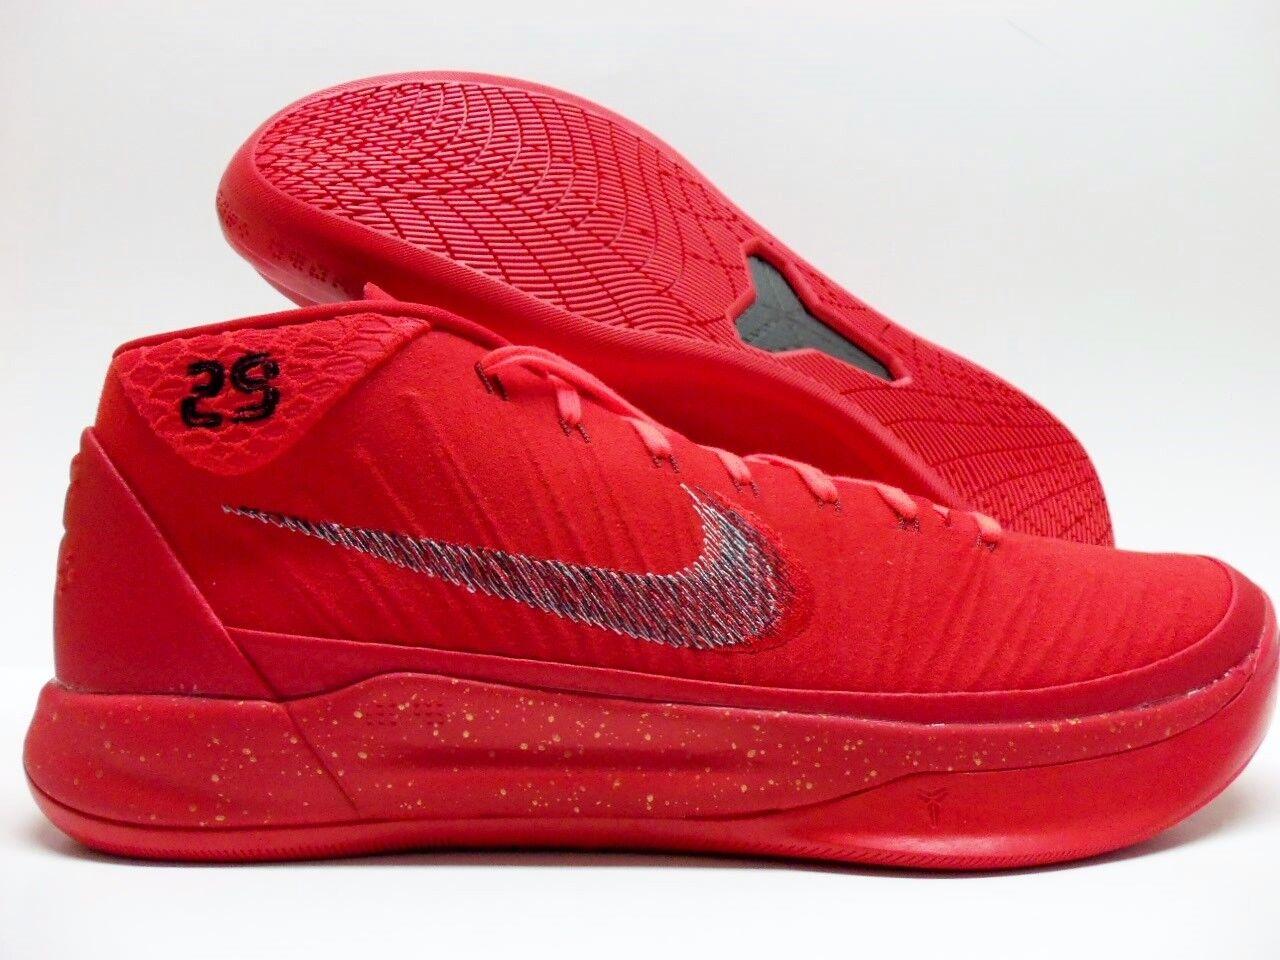 Nike Kobe A.D. id Gym Rojo red-Gris / solar de tamaño red-Gris Rojo hombres 12,5 reducción de precios el último descuento zapatos para hombres y mujeres 20df9c